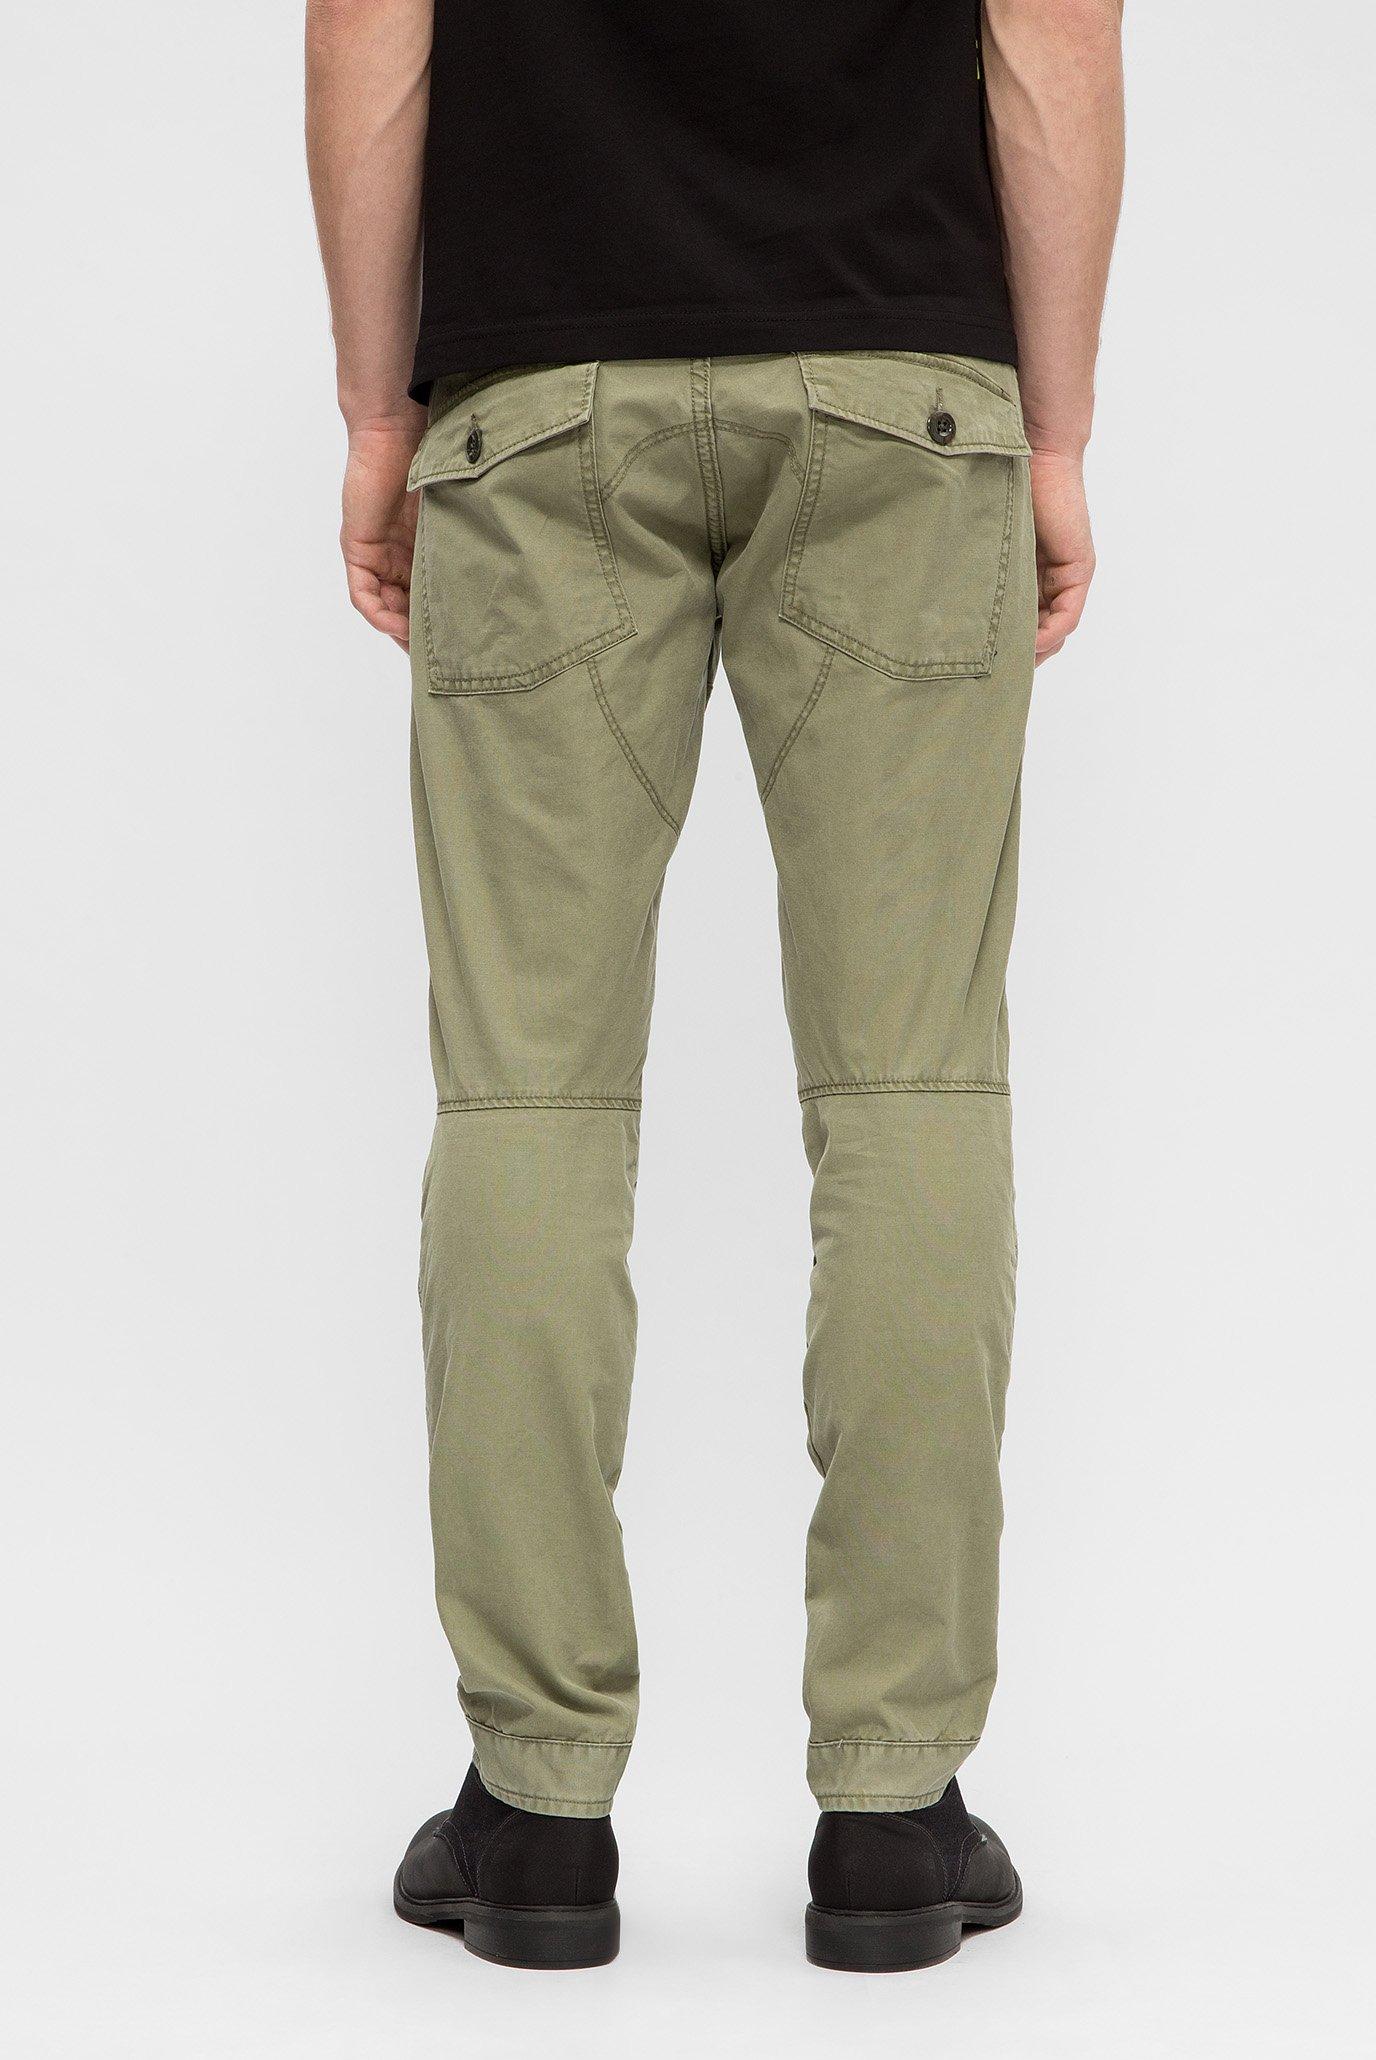 922445f1 Купить Мужские зеленые брюки 3d tapered G-Star RAW G-Star RAW D07357,9471 –  Киев, Украина. Цены в интернет магазине ...